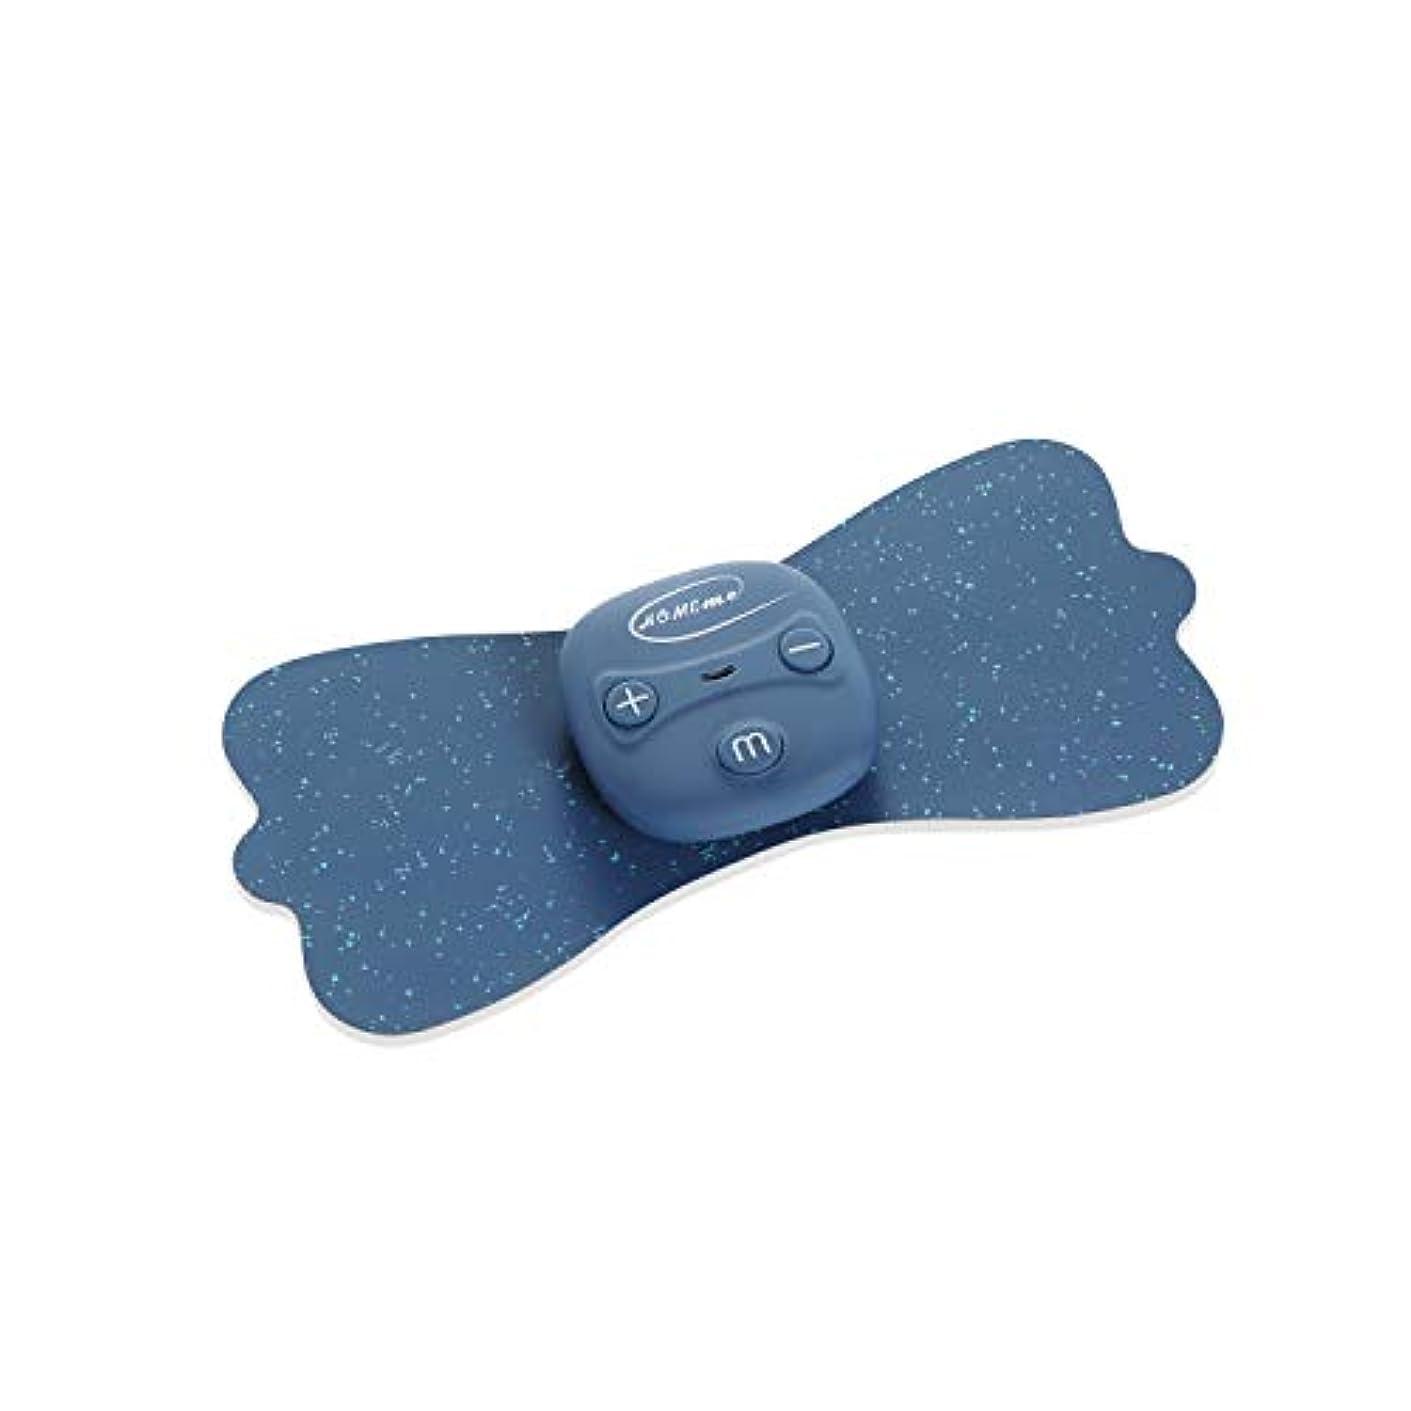 道モード返還HOMEME 低周波マッサージパッド 2枚 EMSパッド 15段階調節 6つモード 腰マッサージ usb充電式 筋疲労回復 一年保証 首/肩/腰/背中/手/足向け